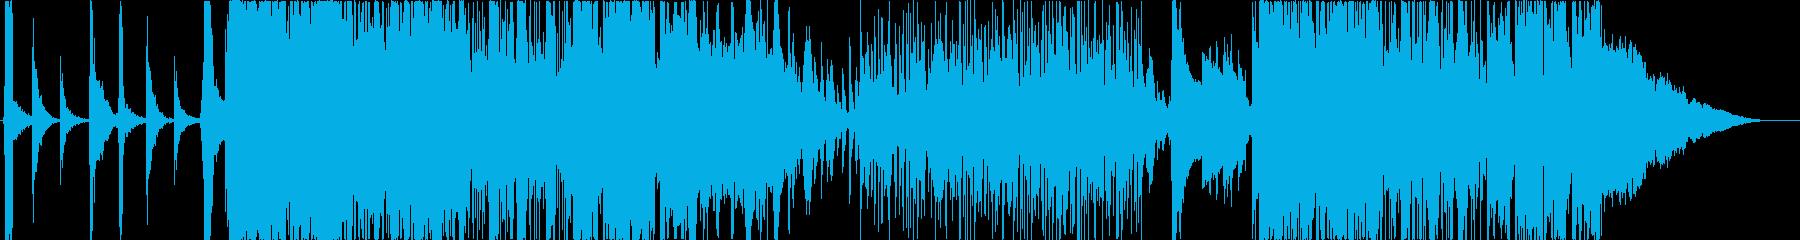 和楽器と重低音サウンドのお祭りロックの再生済みの波形